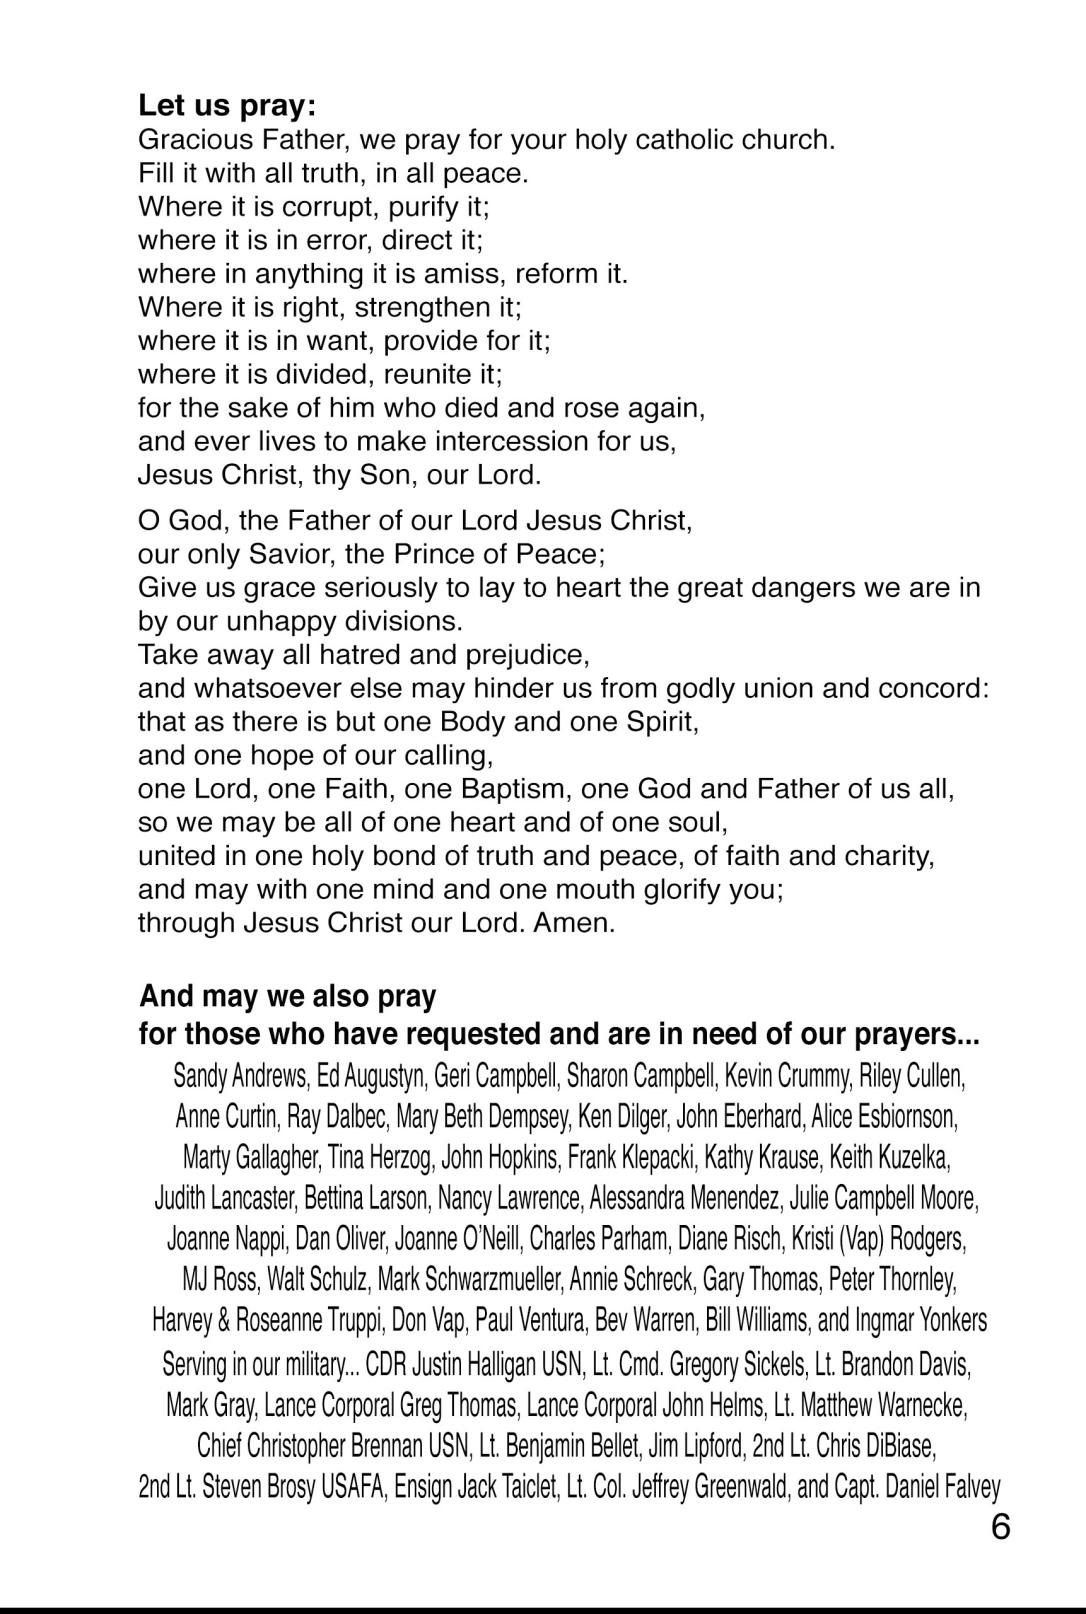 p6 2-27-18[1] copy